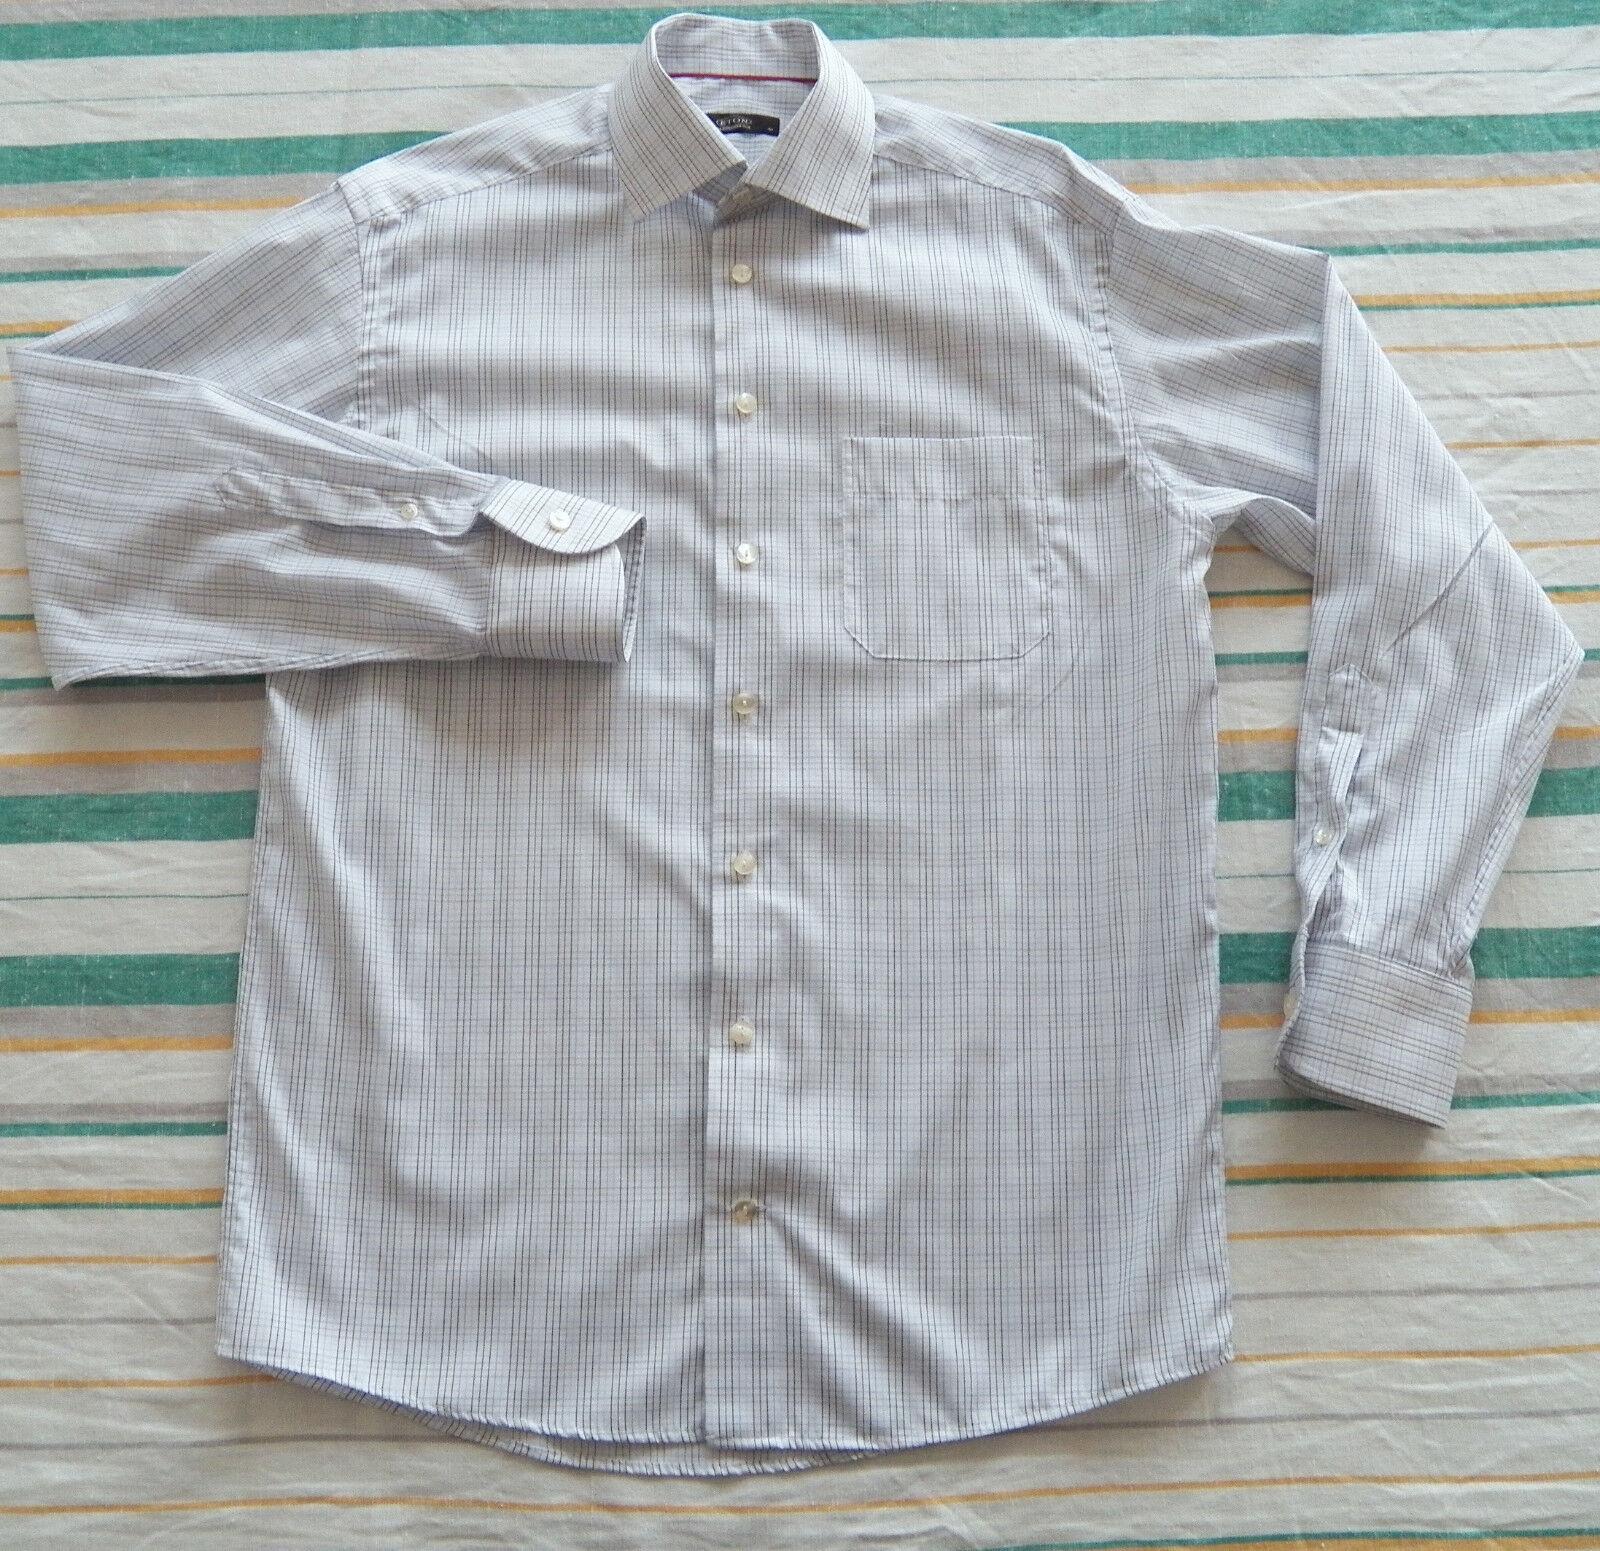 Eton Sweden herren hemd Größe 40 SHORT 15 3 4 15.5 Weiß Blau Check Twill baumwolle